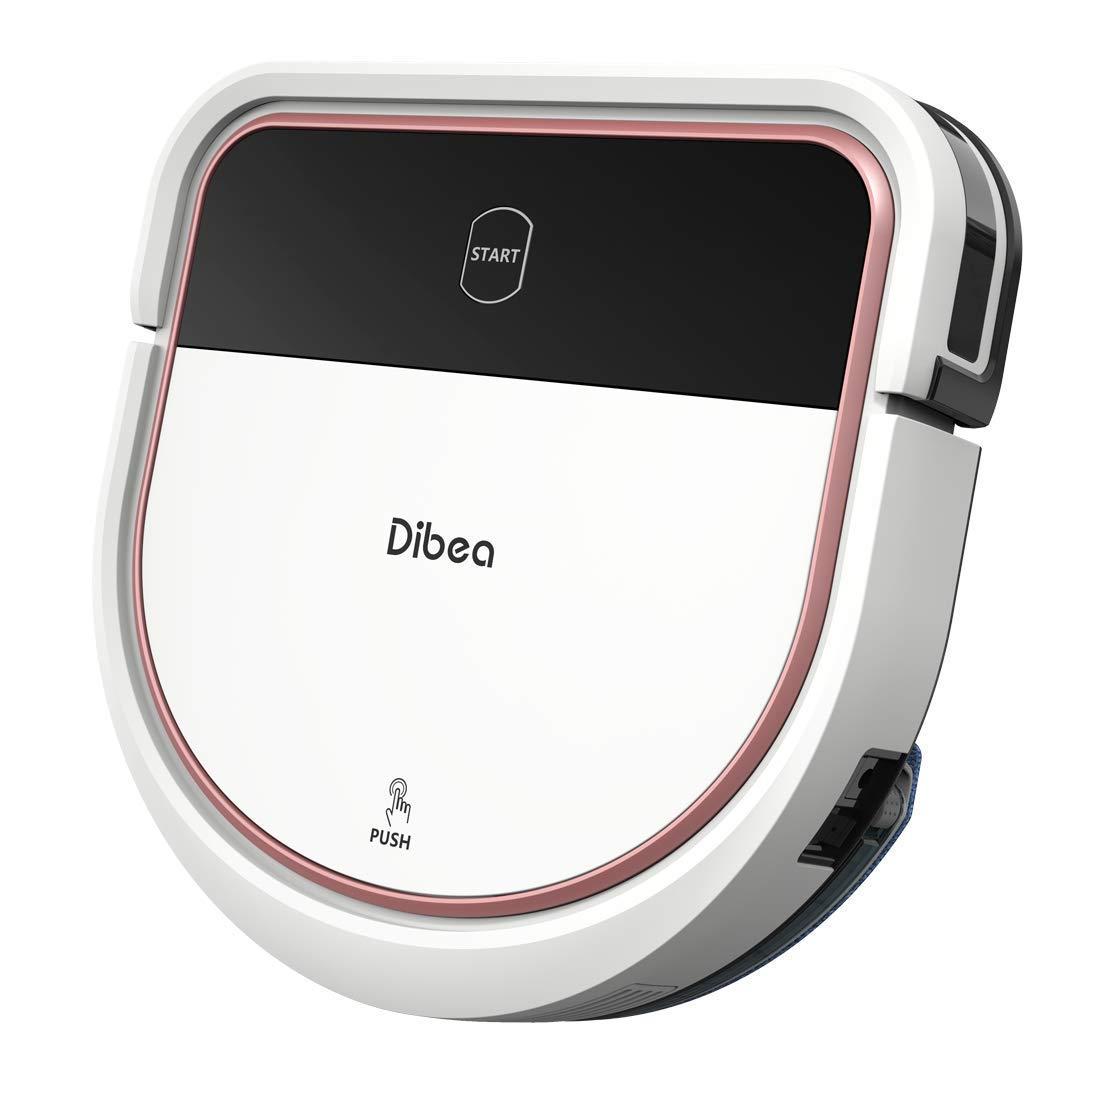 Sponsored Ad - Robot Vacuum, Robotic Vacuum Cleaner, 2-in-1 Robot Vacuum and Mop, Automatic Self-Charging Robotic Vacuum, ...